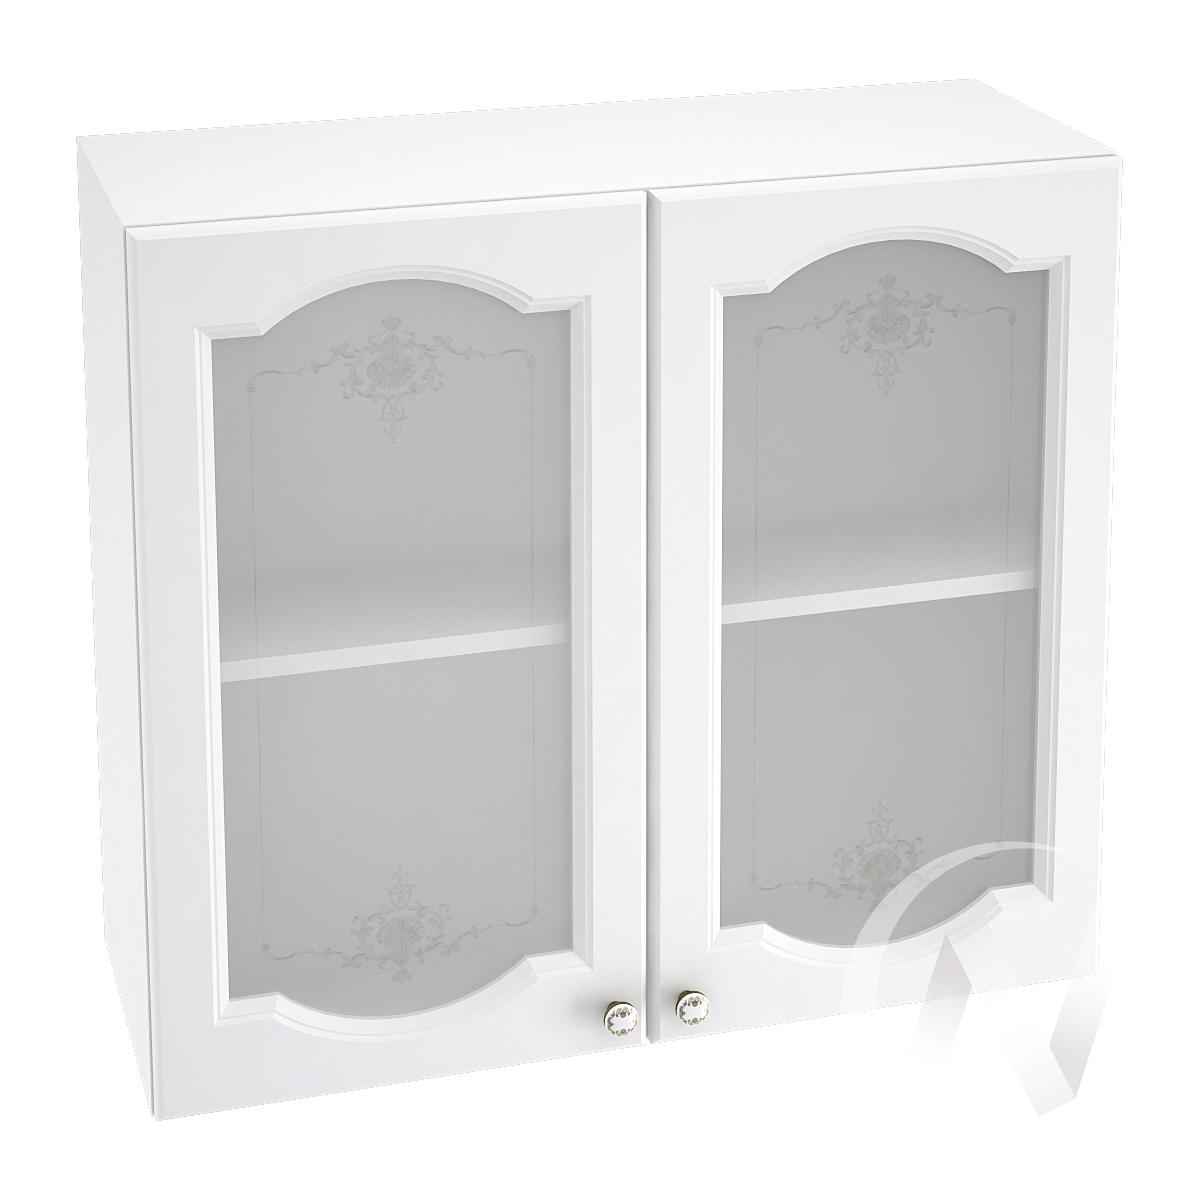 """Кухня """"Шарлиз"""": Шкаф верхний со стеклом 800, ШВС 800 новый (корпус белый)"""